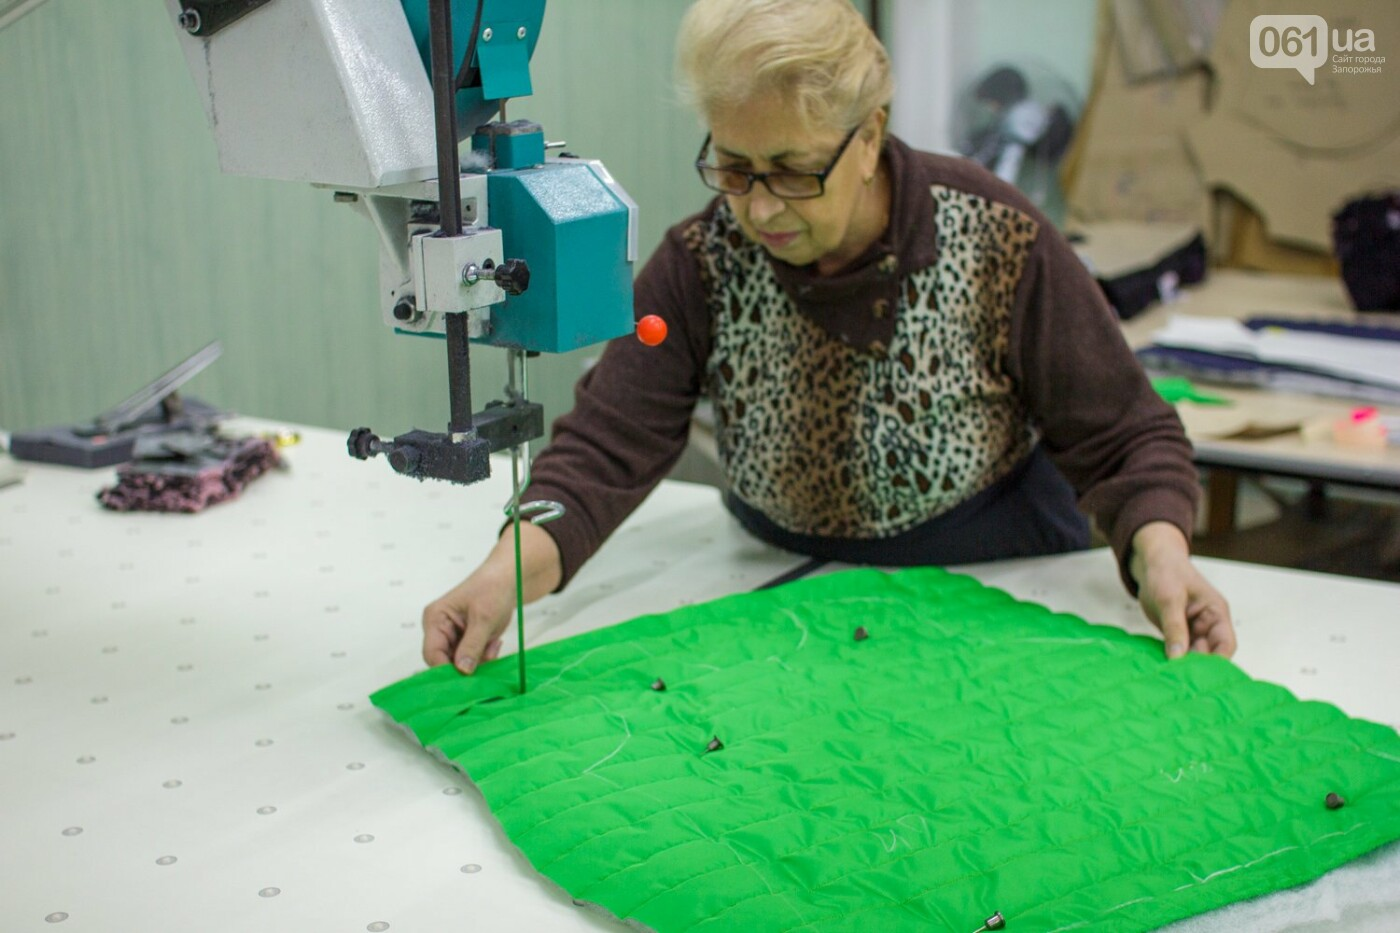 Как в Запорожье шьют мужское белье: экскурсия на трикотажную фабрику, – ФОТОРЕПОРТАЖ, фото-1